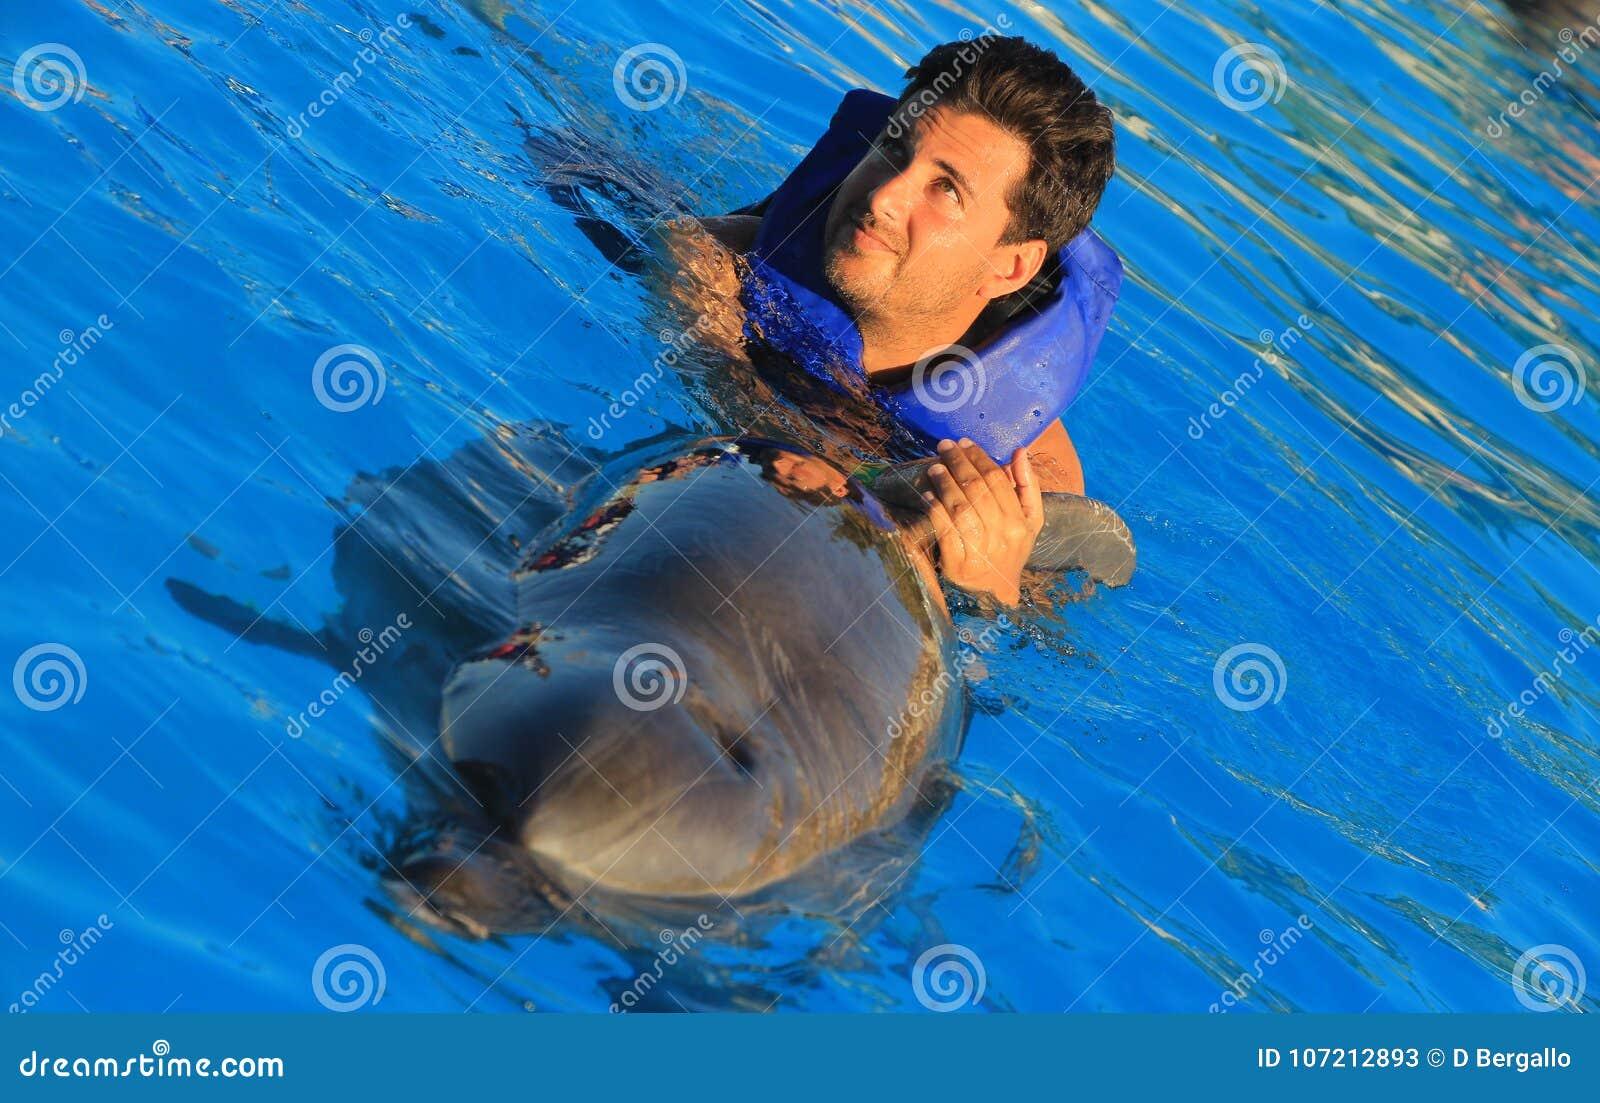 Natação do homem dos olhos verdes com os golfinhos felizes de sorriso de um nariz da garrafa da nadada da criança da cara da alet